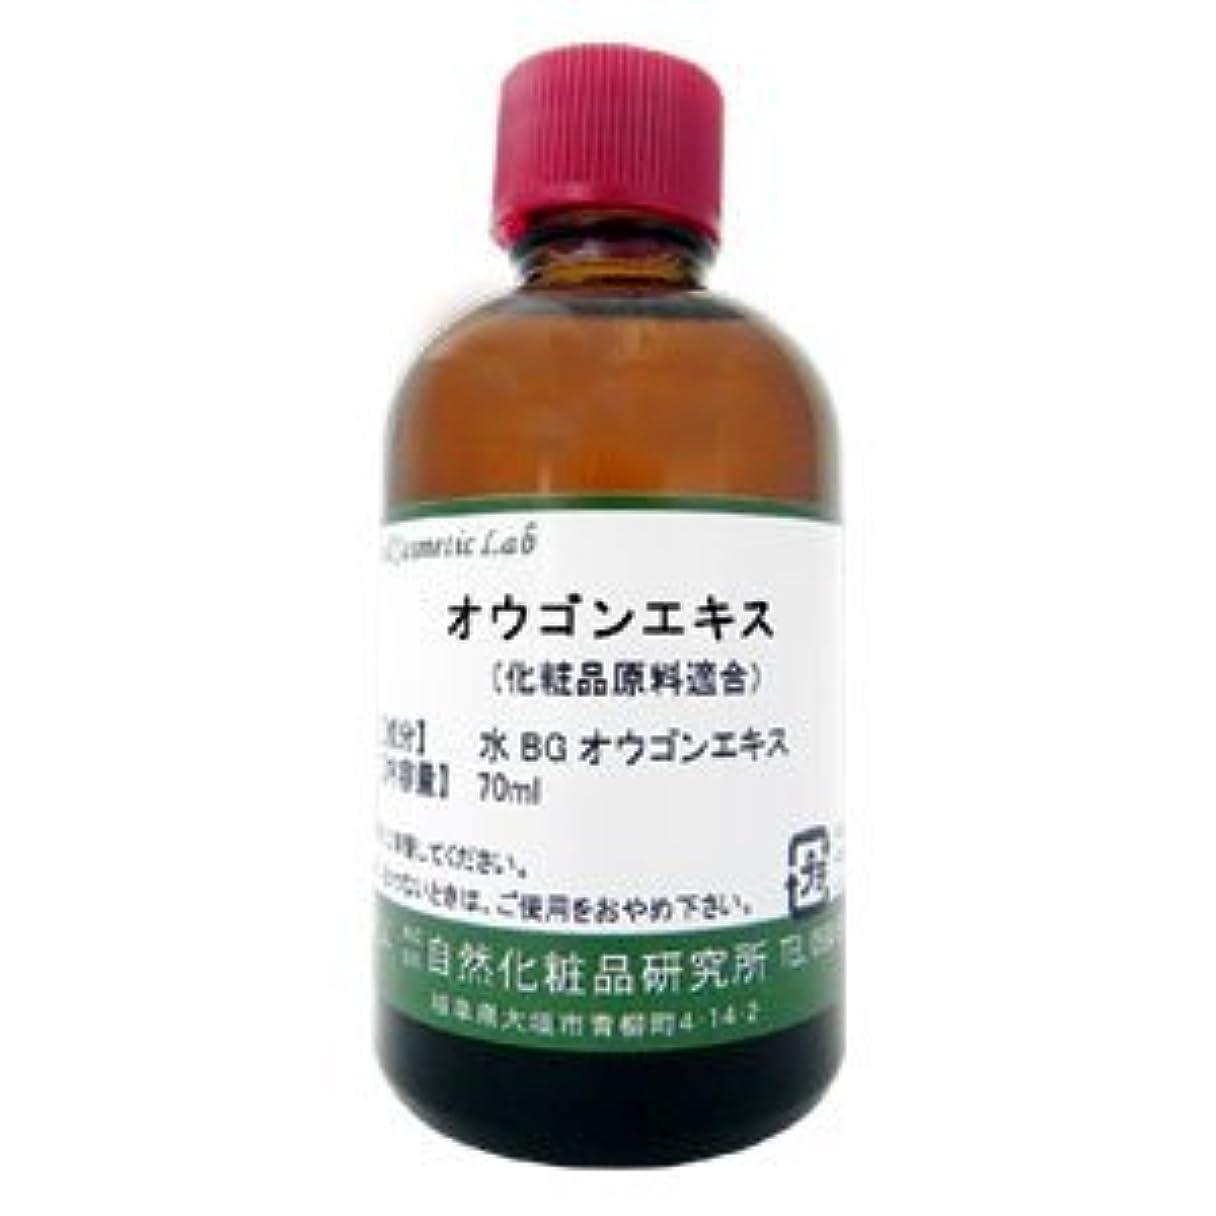 ラベンダー皮肉な入学するオウゴンエキス 70ml 【手作り化粧品原料】